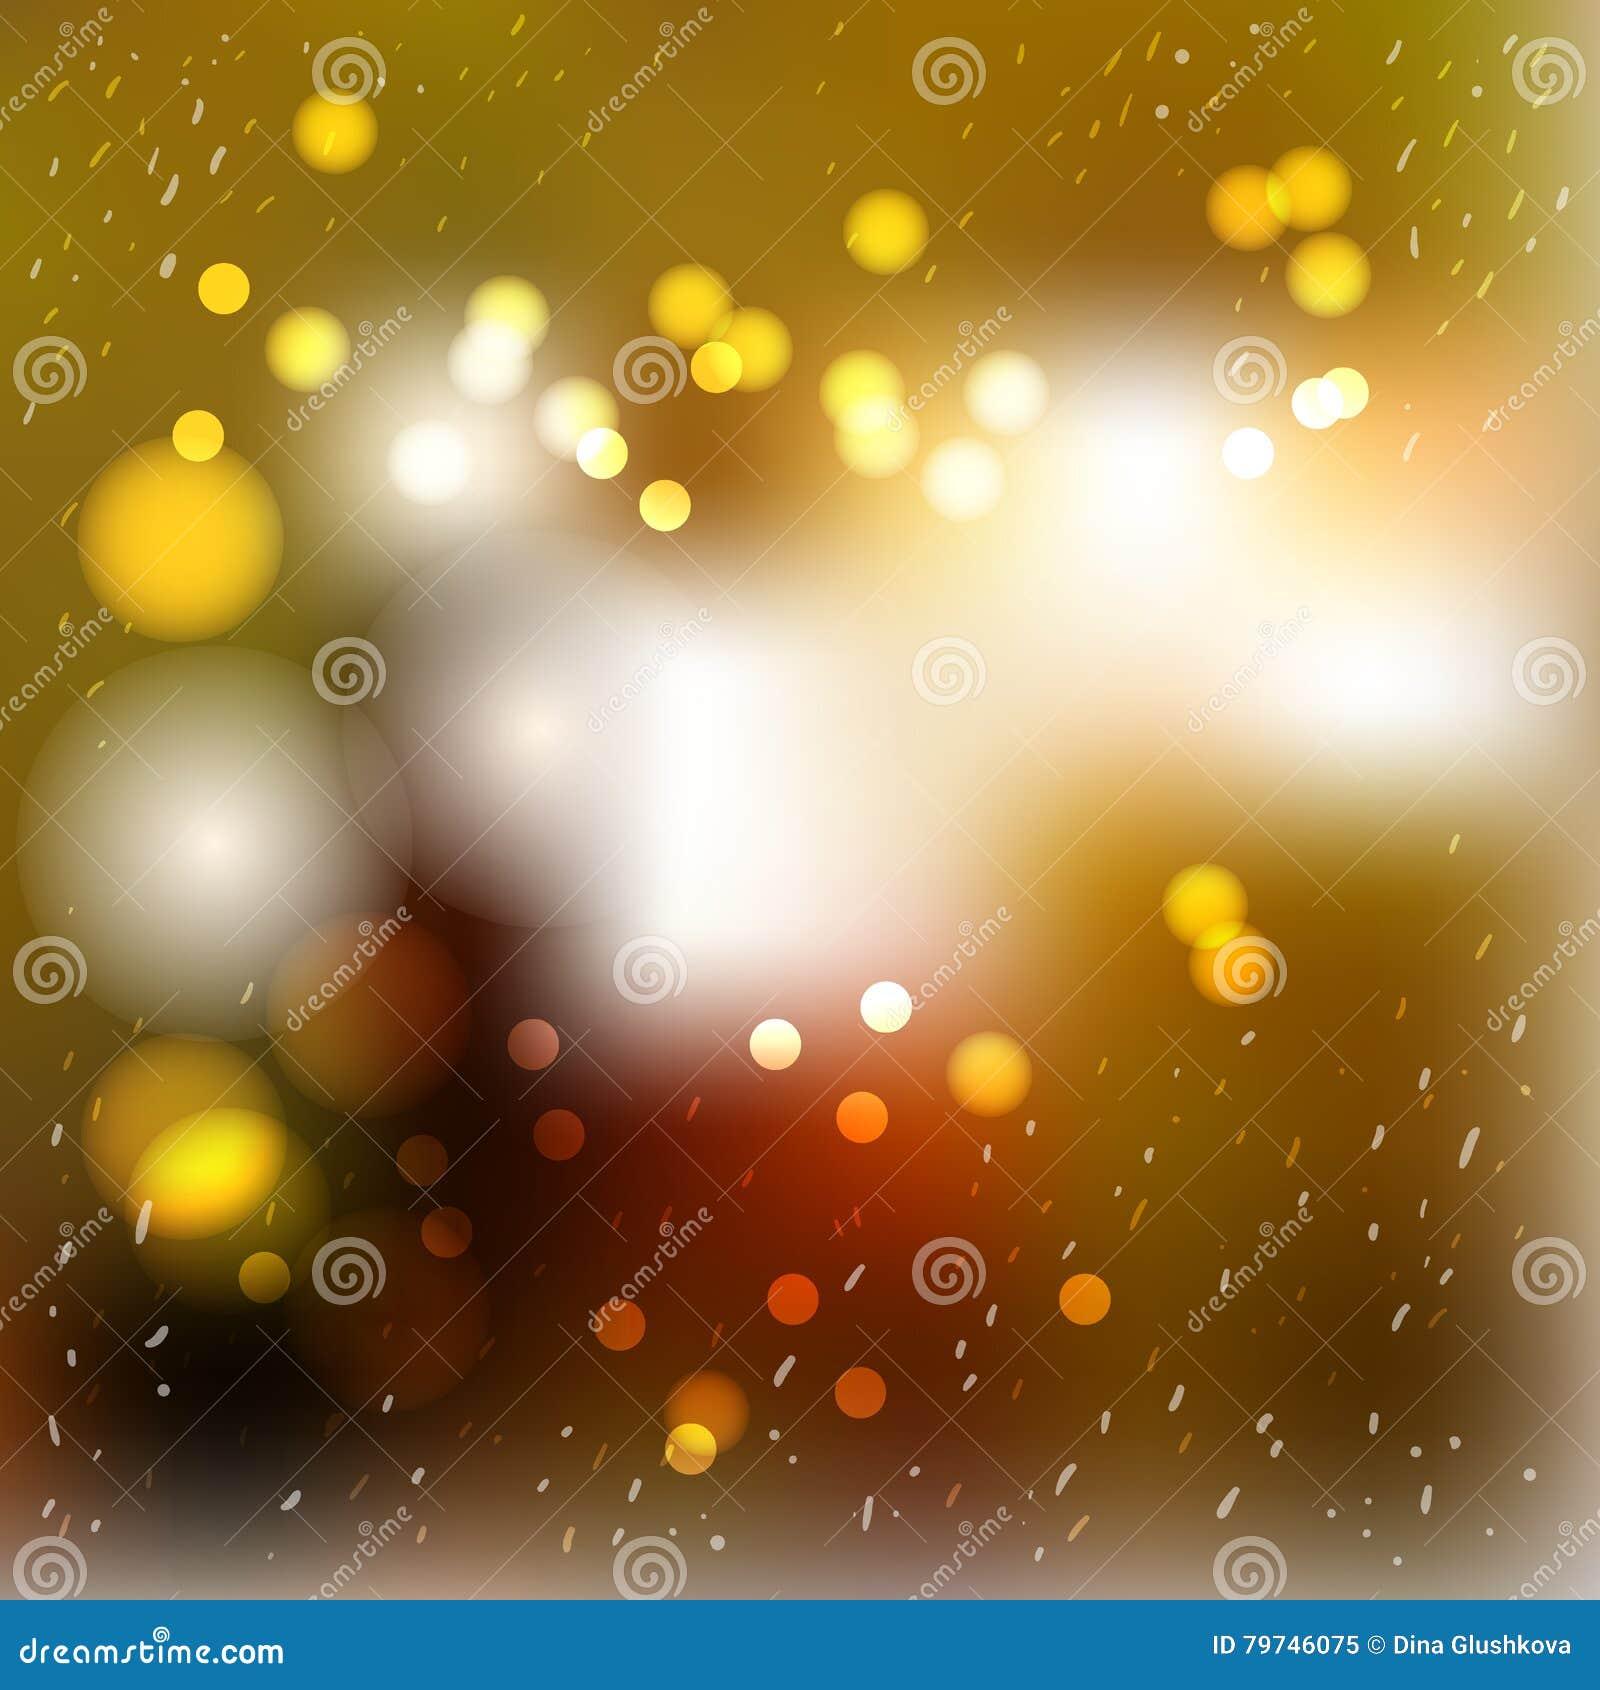 Fondo borroso vector del extracto del invierno Linternas, chispas